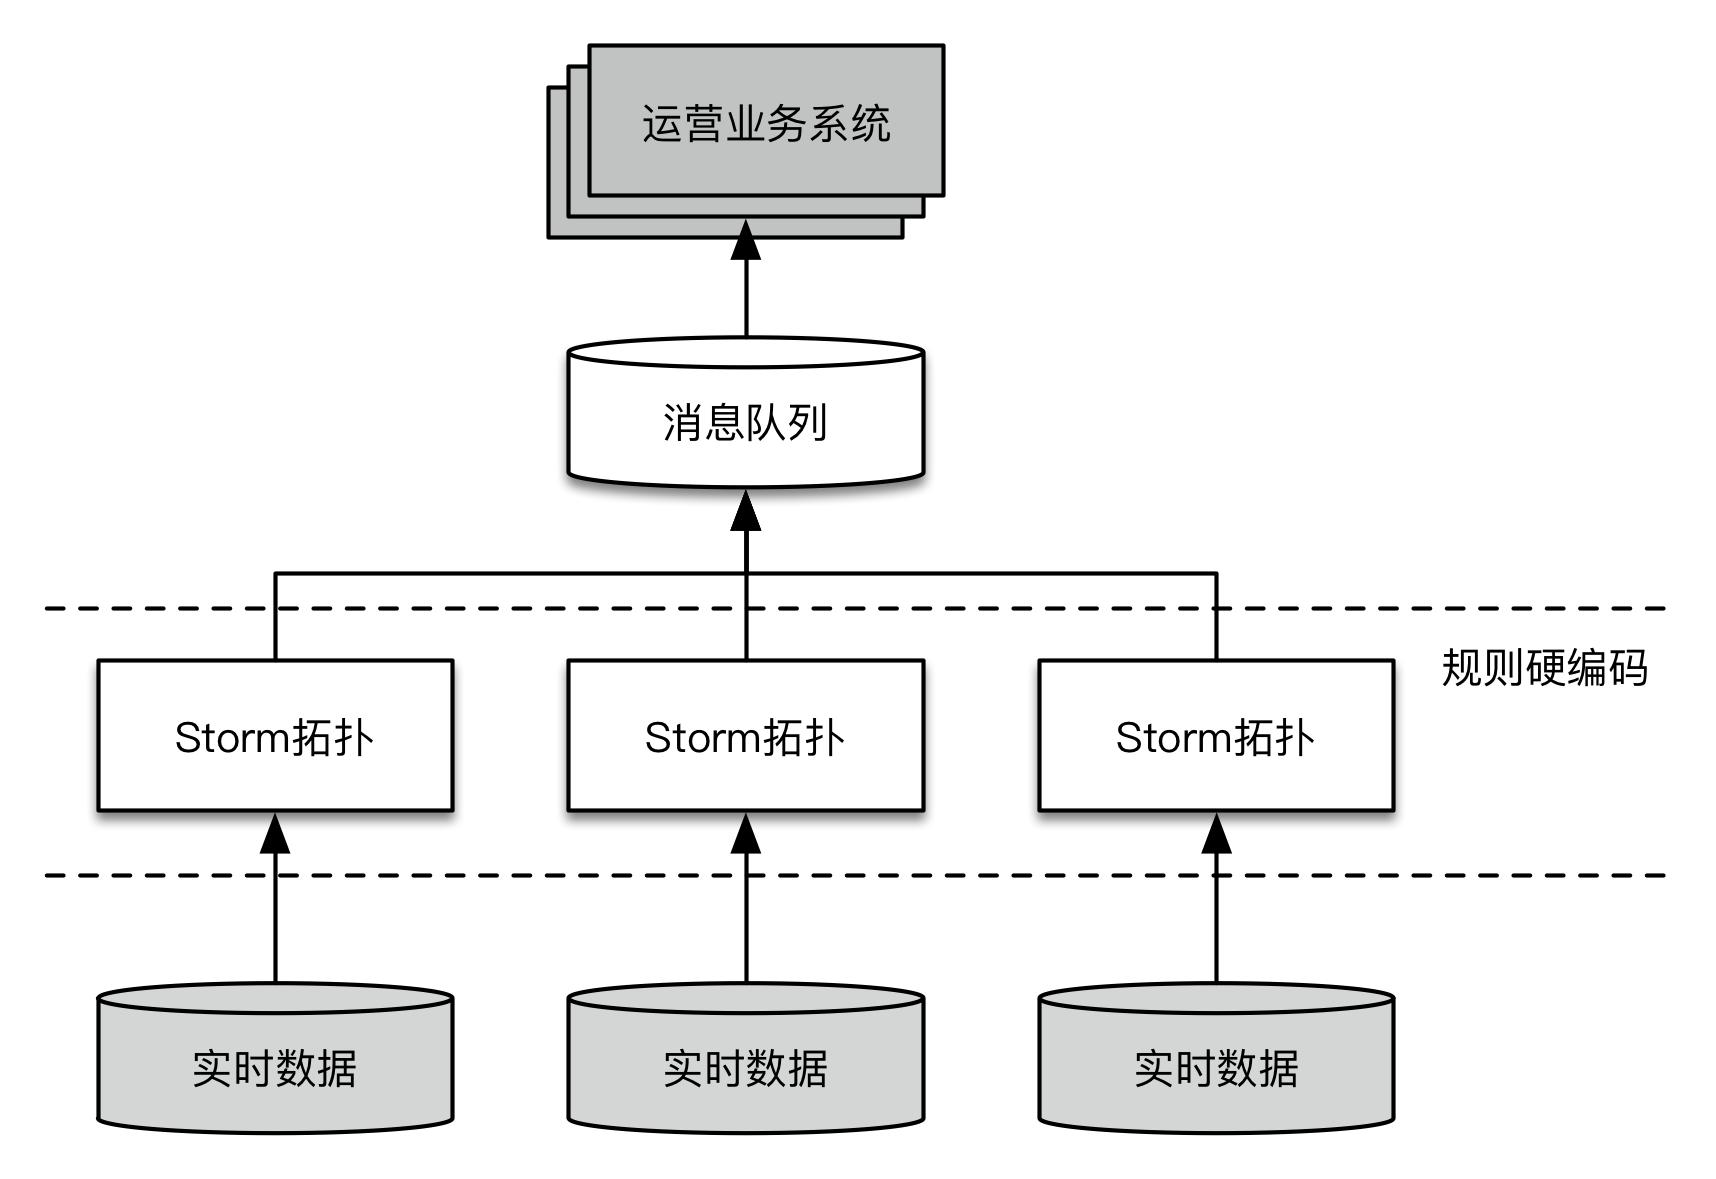 图1  早期方案示意图